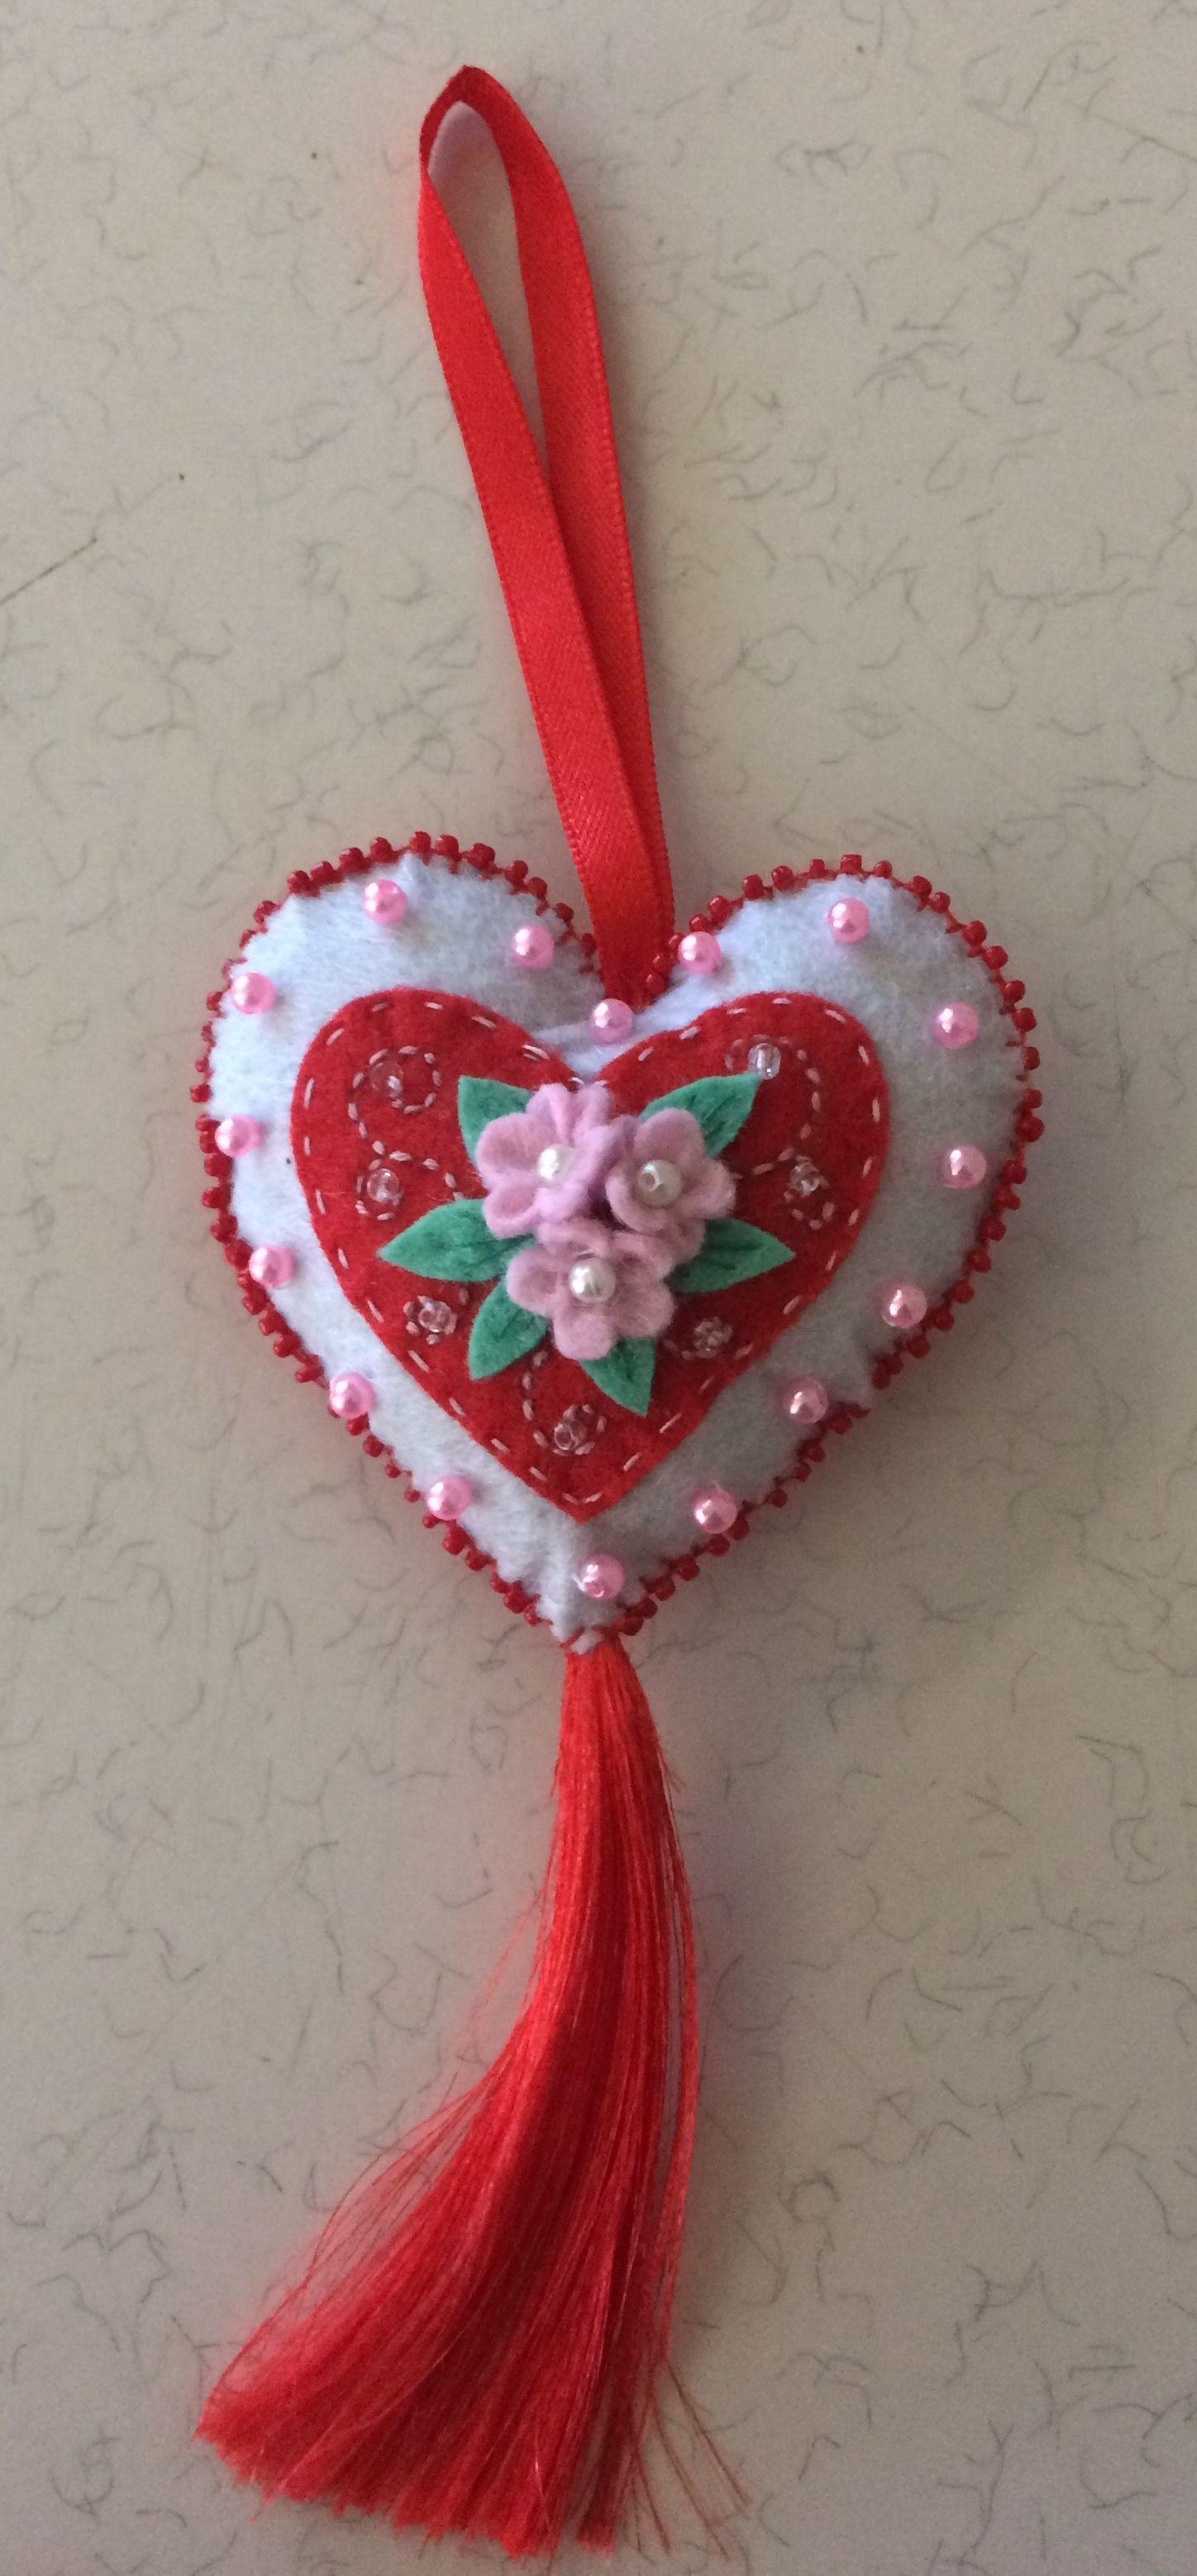 Felt heart hanging ornament navidad fieltro for Manualidades souvenirs navidenos